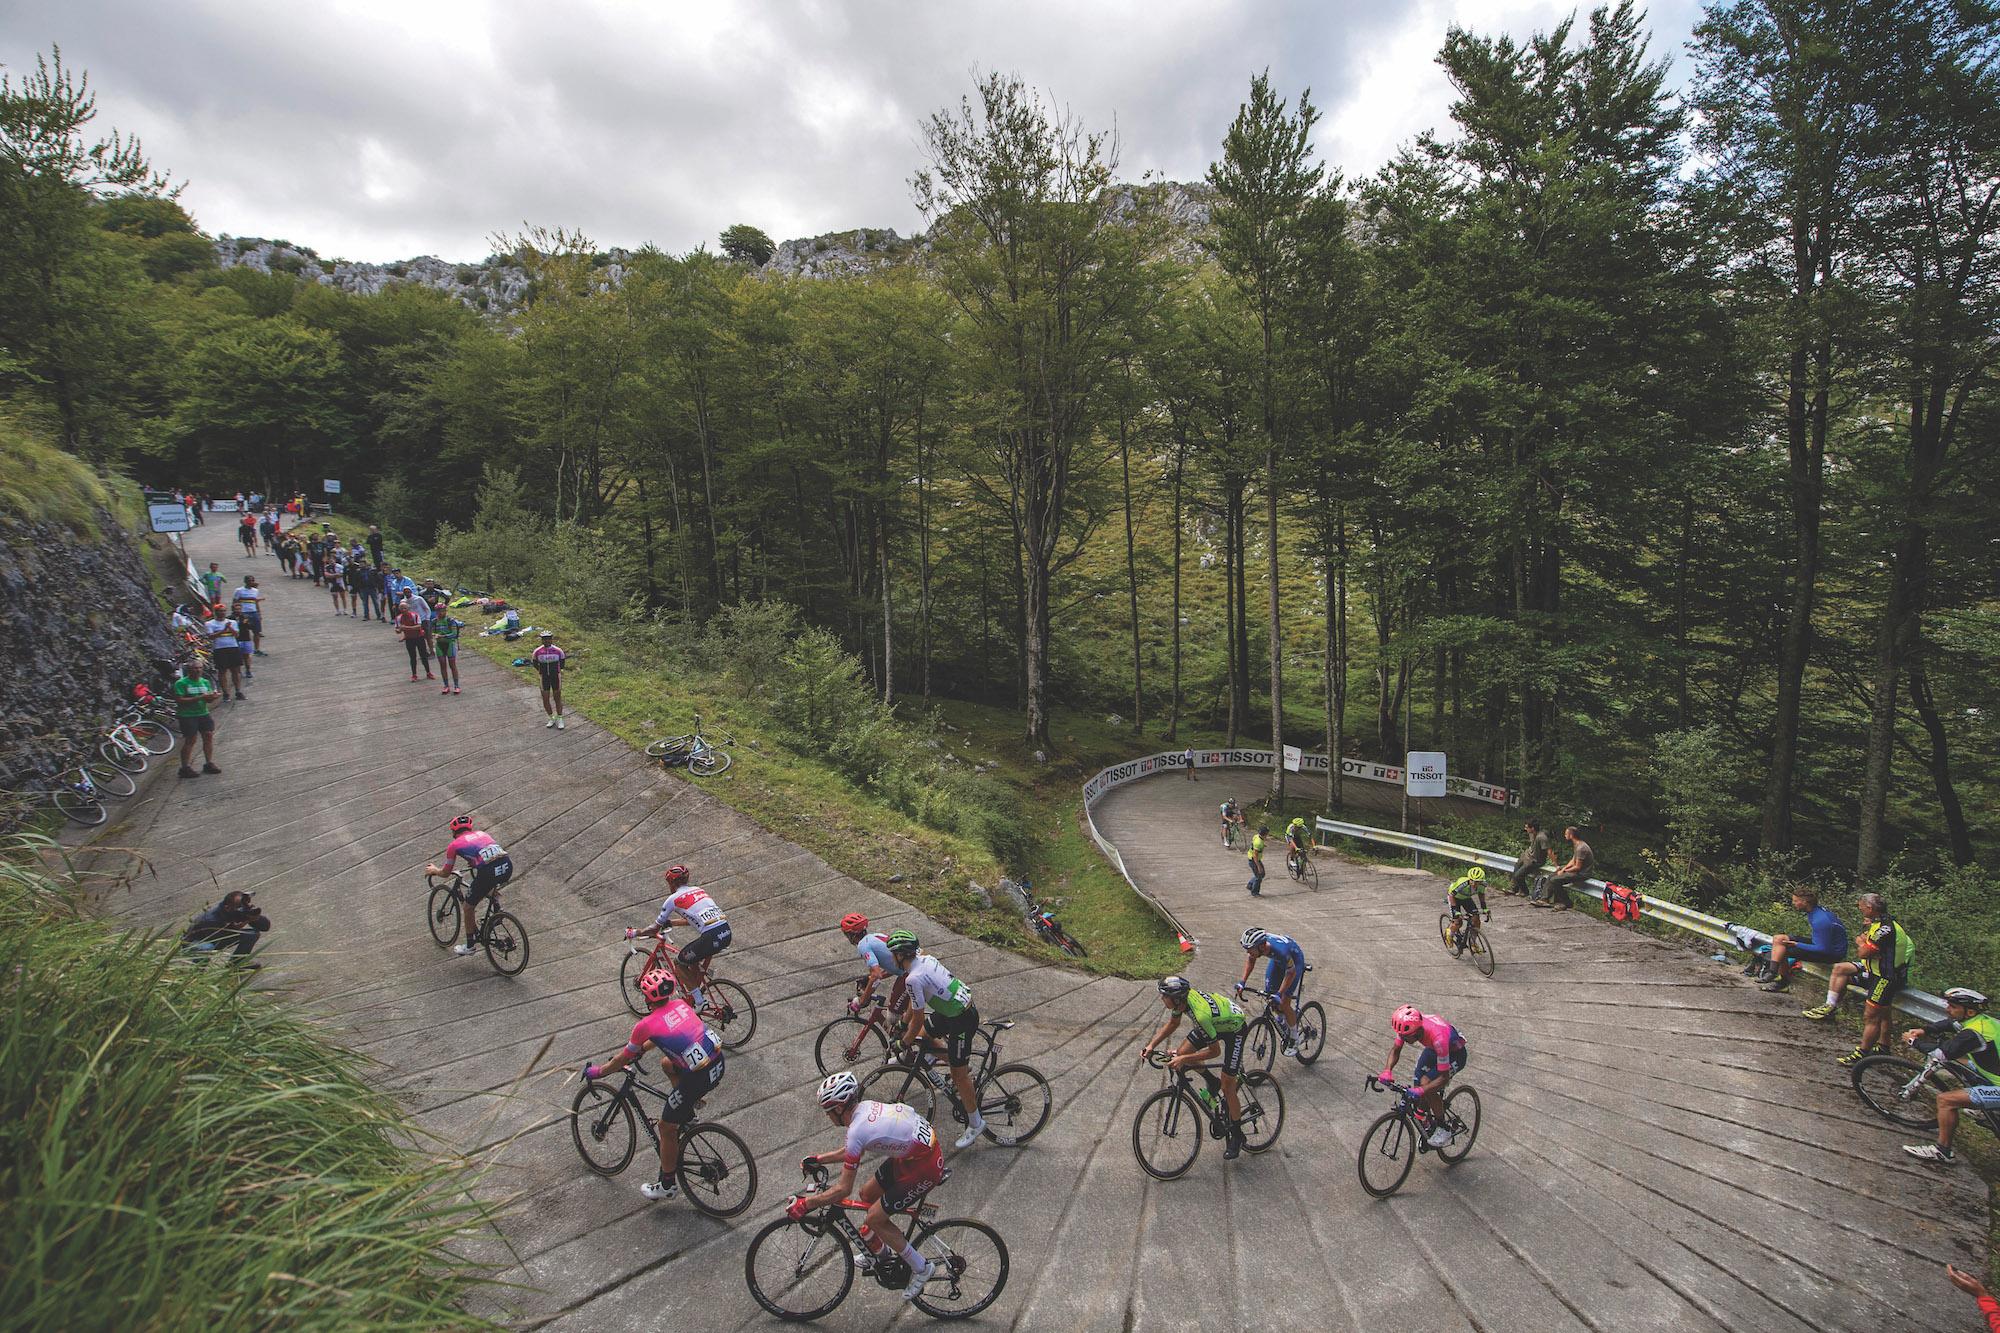 Mano-a-mano across the Med: Monte Zoncolan vs Alto de los Machucos - Cycling Weekly